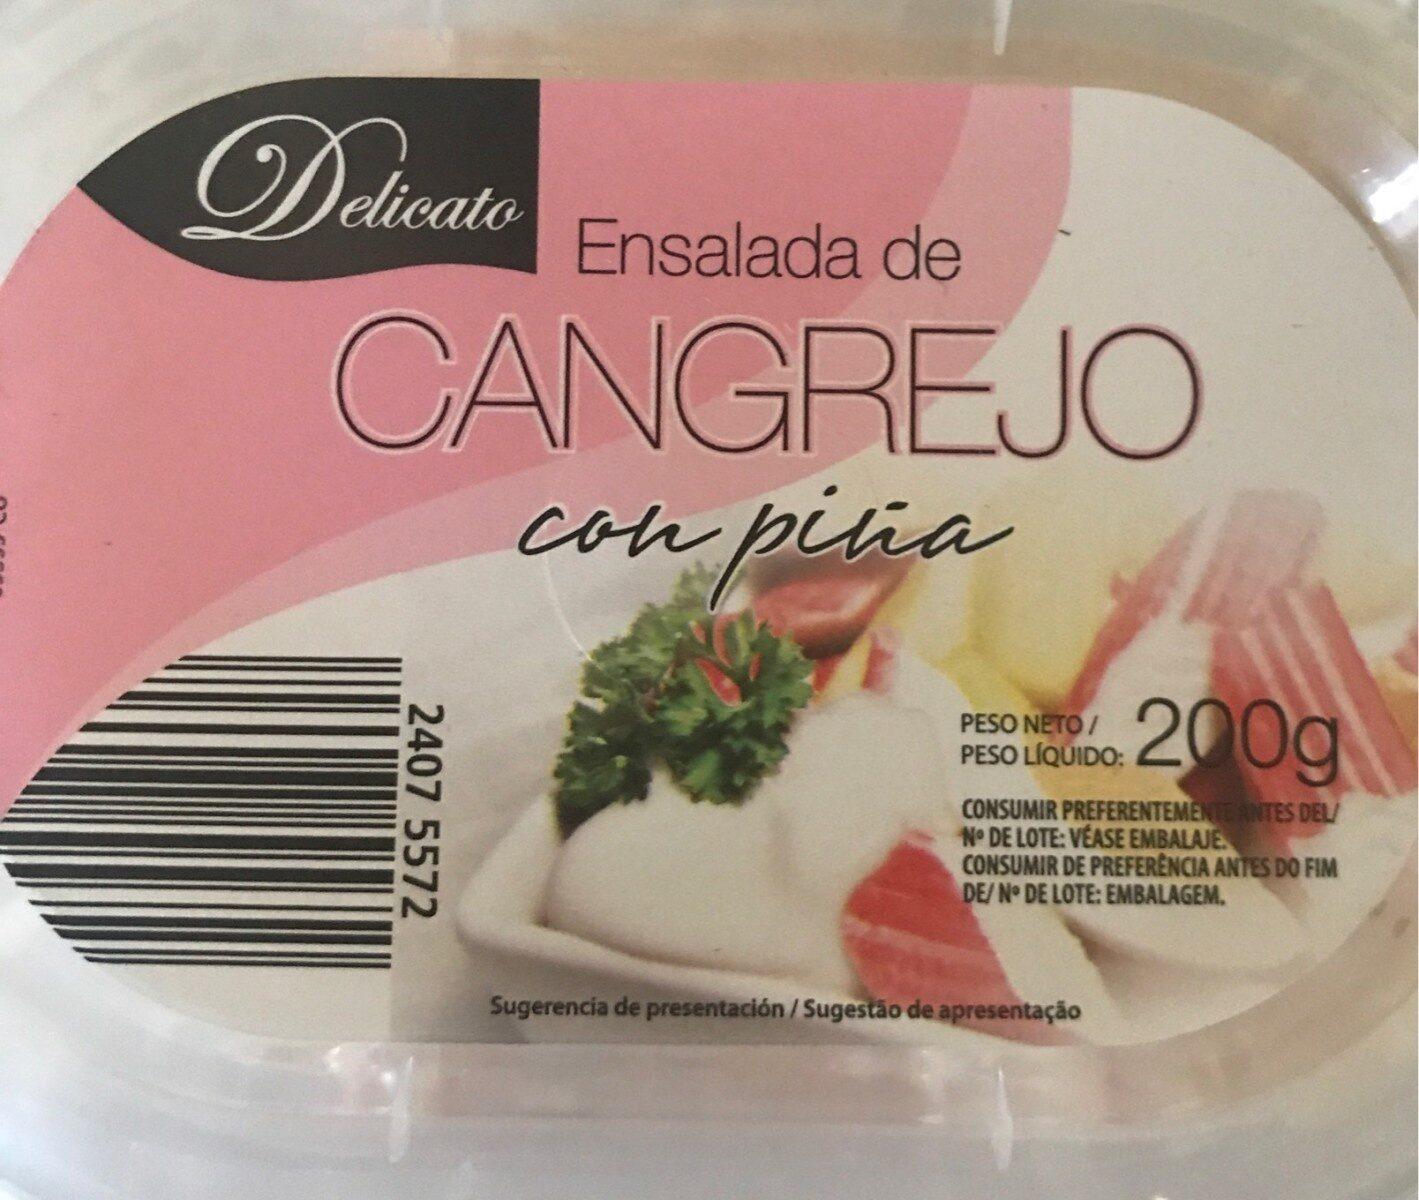 Ensalada americana cin repollo y zanahoria - Produit - es